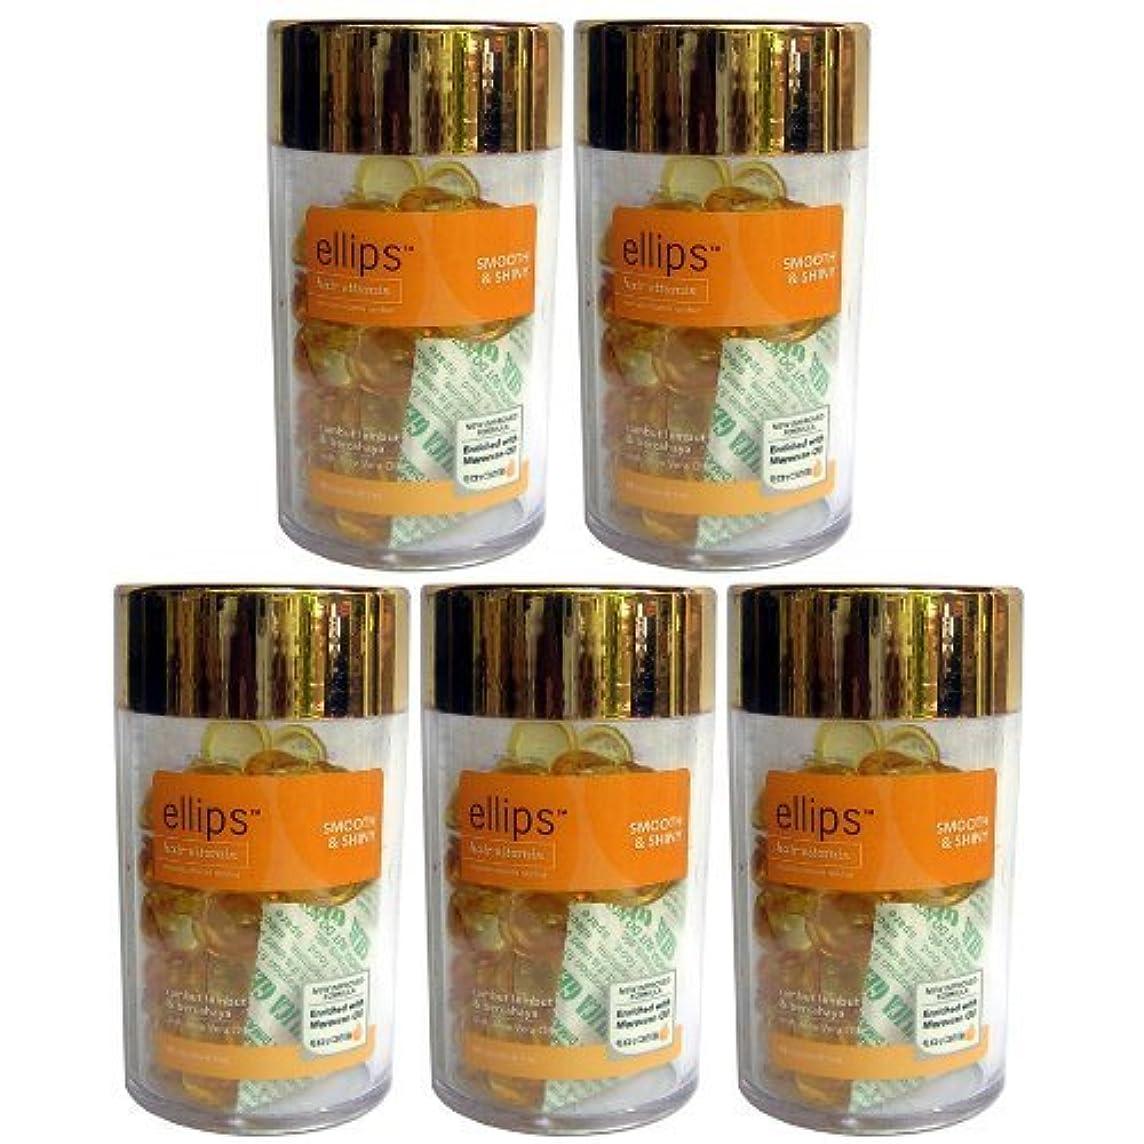 ソーダ水発見する大惨事エリップスellipsヘアビタミン洗い流さないヘアトリートメント50粒入ボトル5本組(海外直送品)(並行輸入品) (黄色5本)